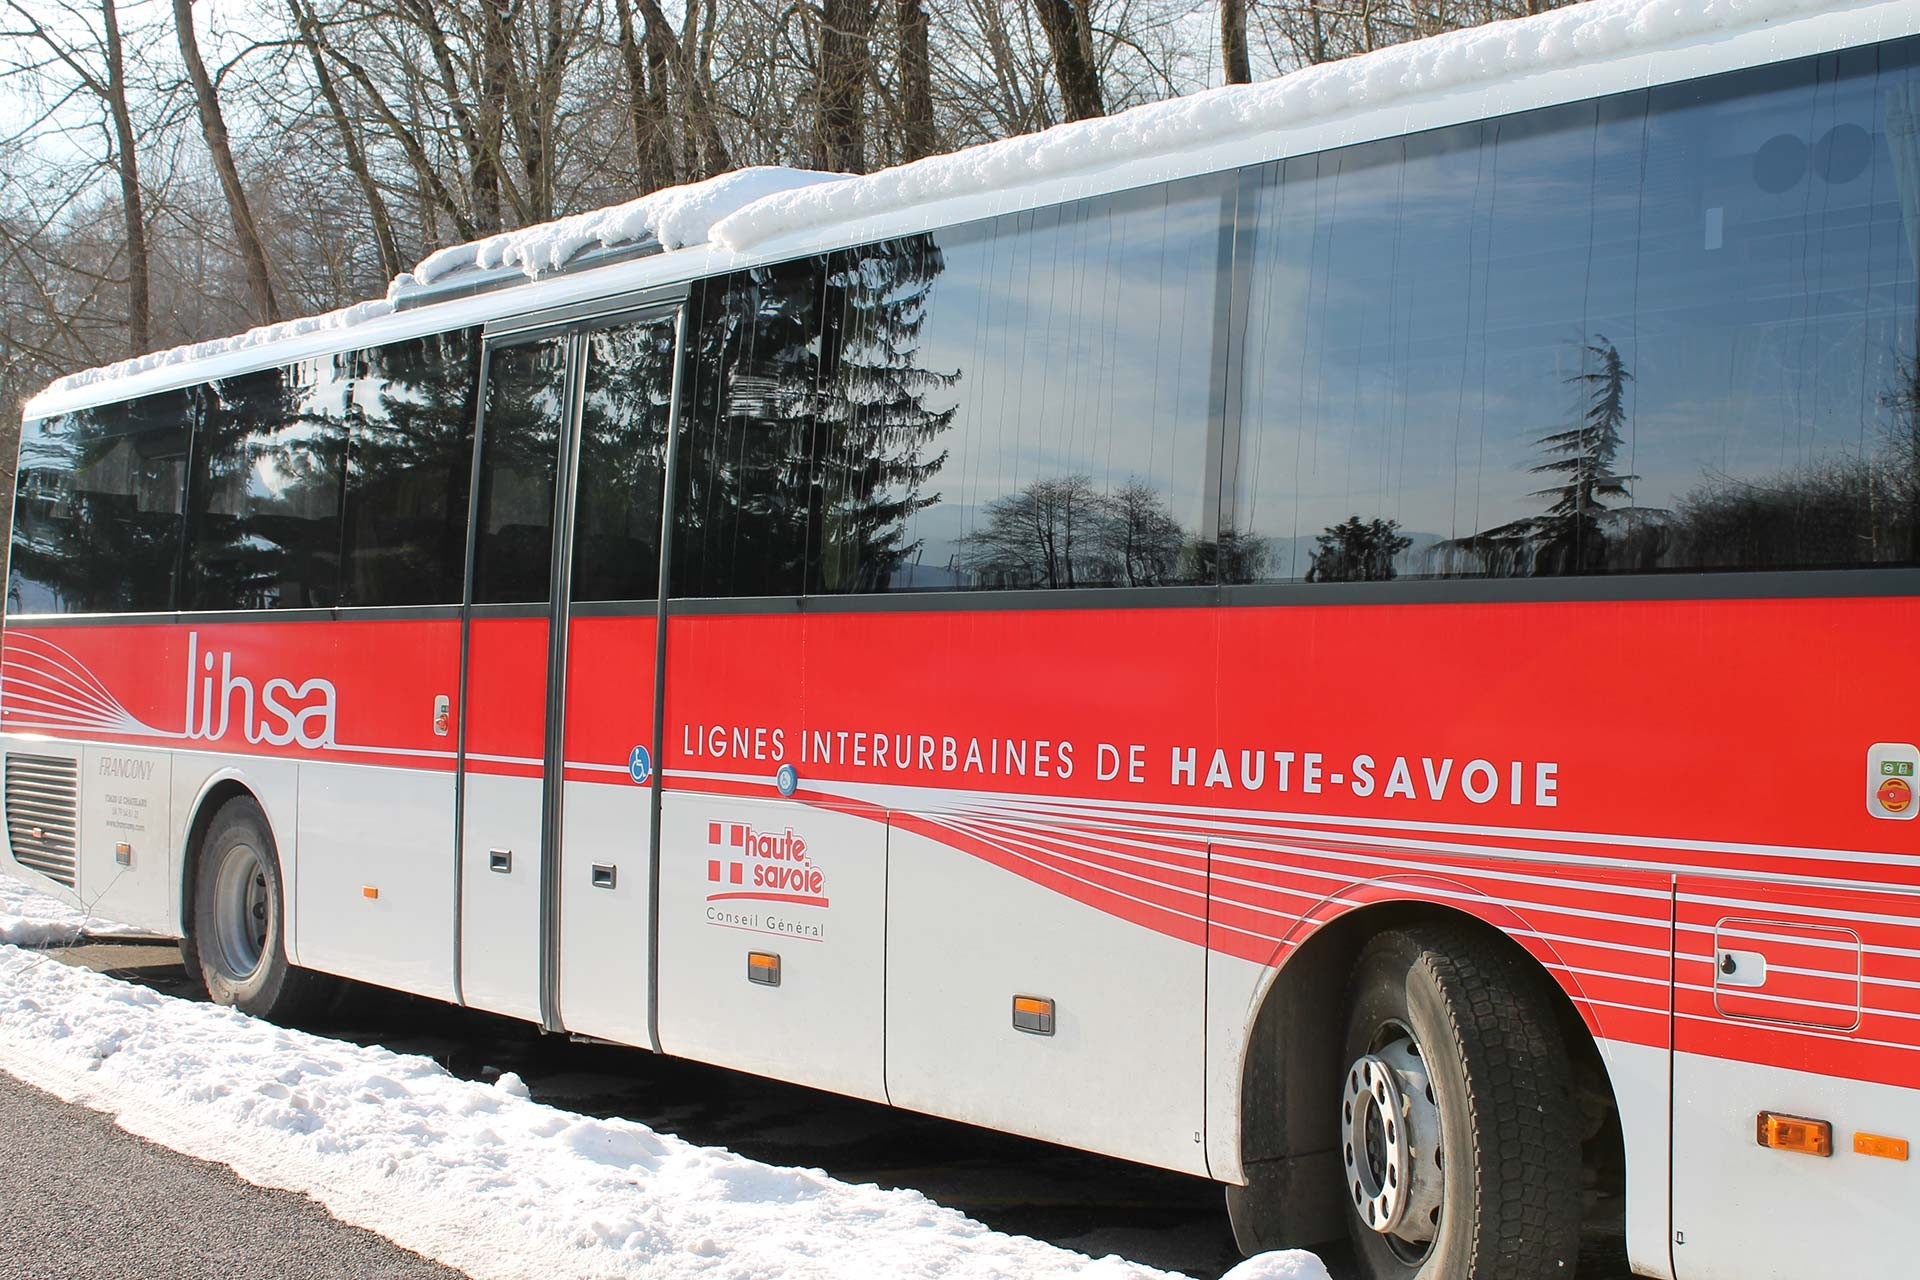 Lihsa buses